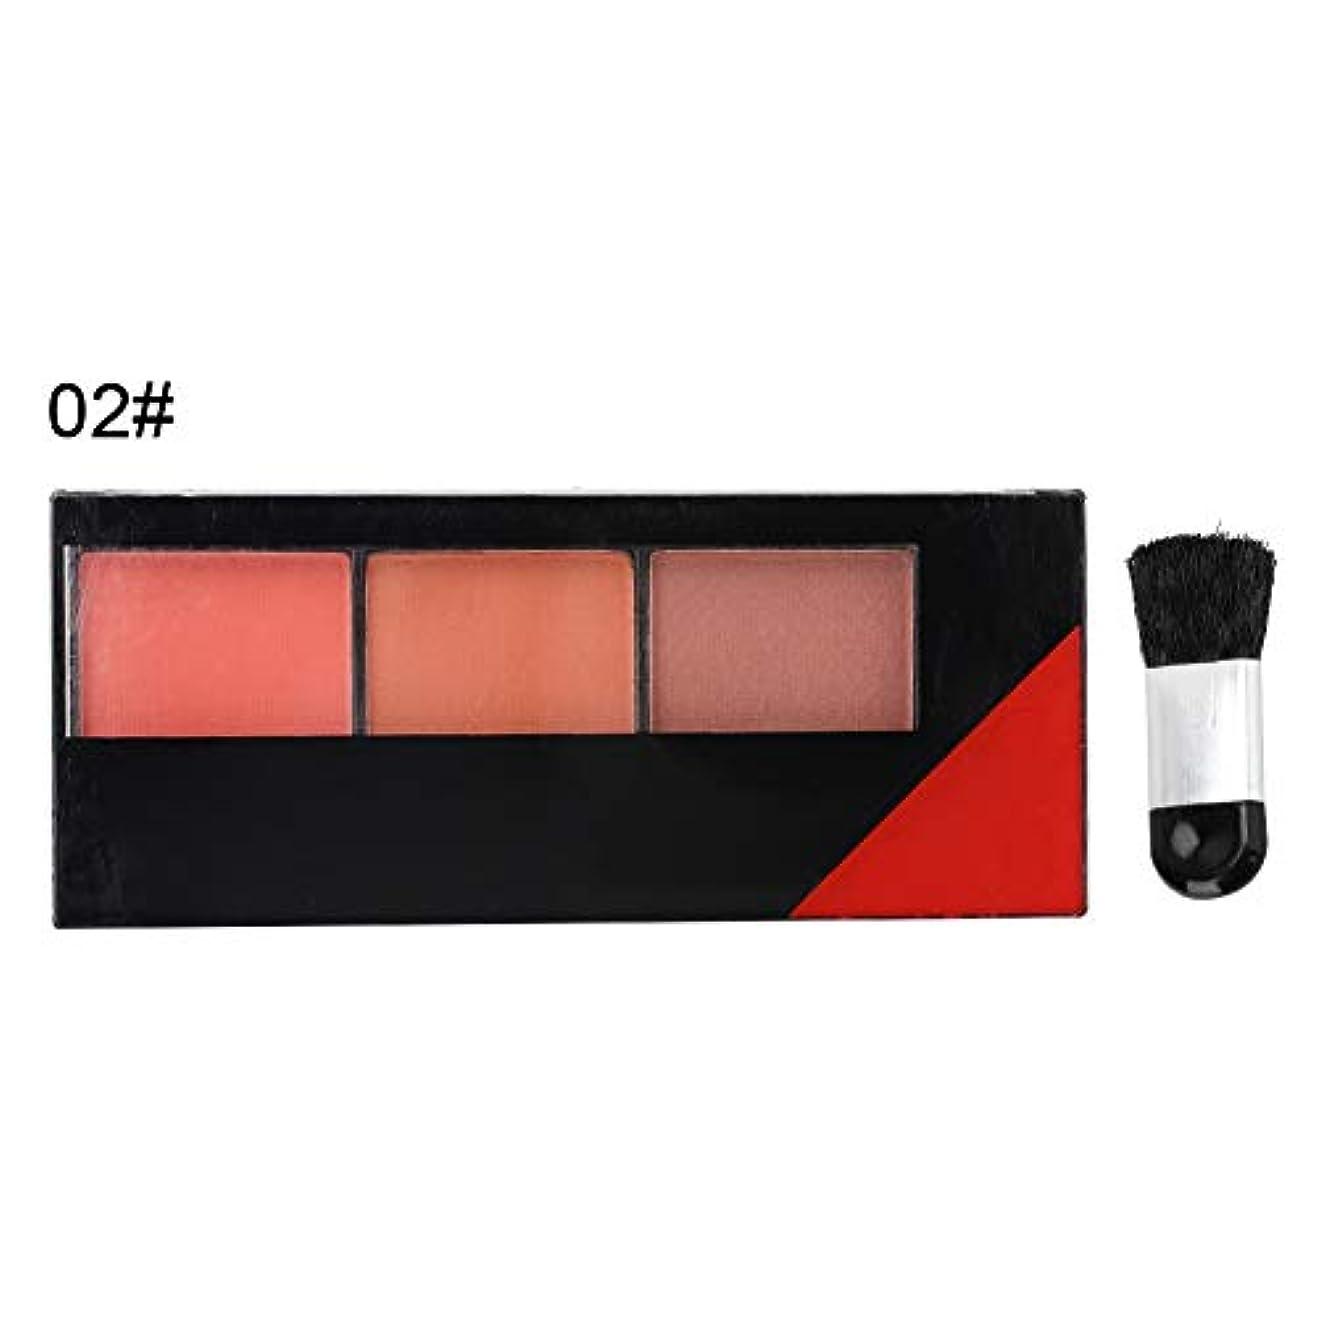 クロールじゃがいもアルコーブ3色フェイスメイクアップブラッシャー ハイドレイティングプリティフェアリープレスパウダー化粧品(02)